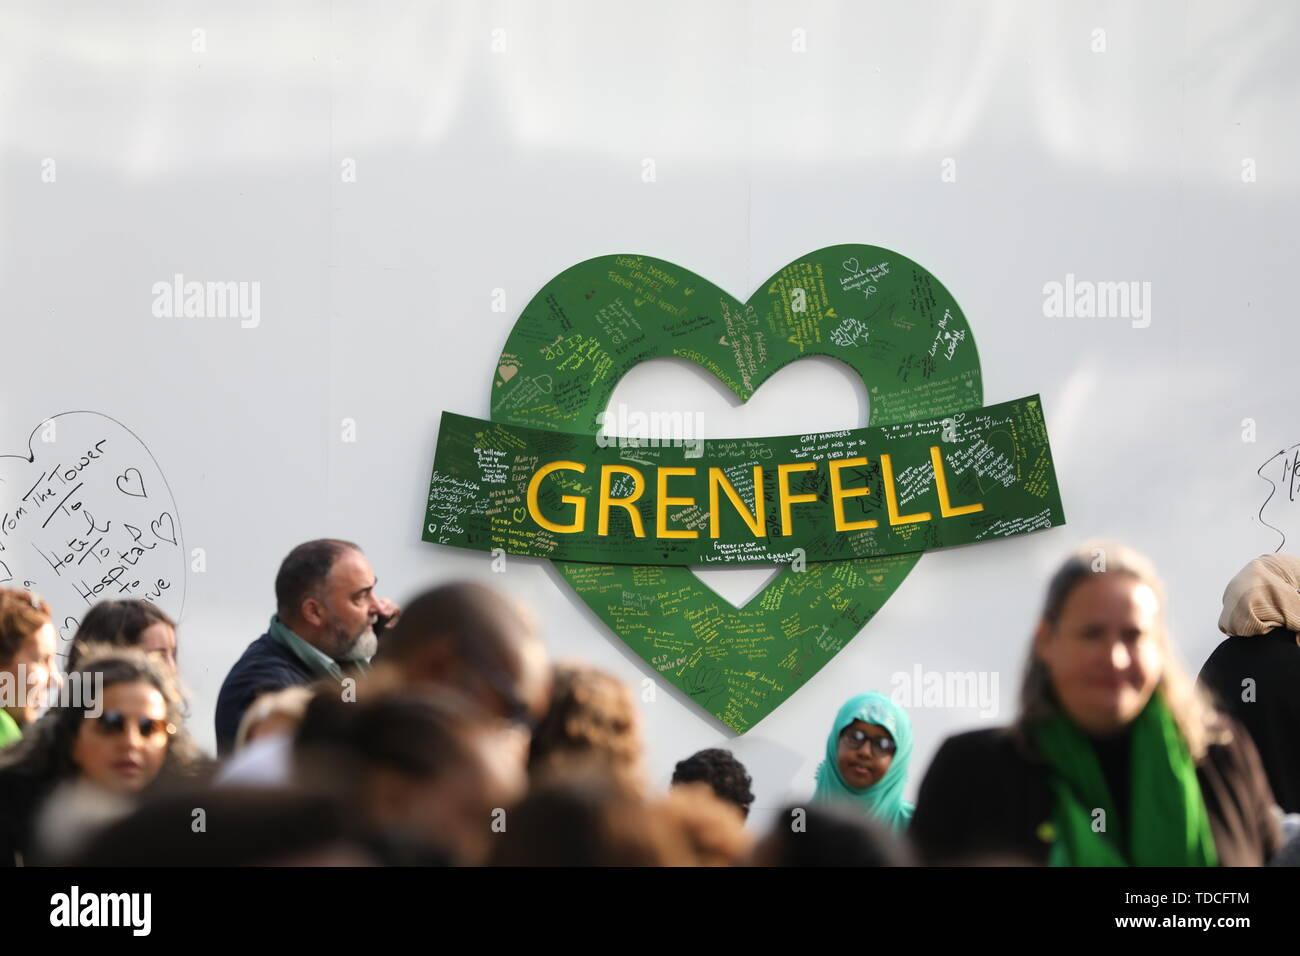 Nachrichten links an der Wand für den 72 Menschen, die ihr Leben in der Grenfell Tower Block außerhalb Grenfell Tower, London verloren, anlässlich des 2-jährigen Jubiläum. Stockbild